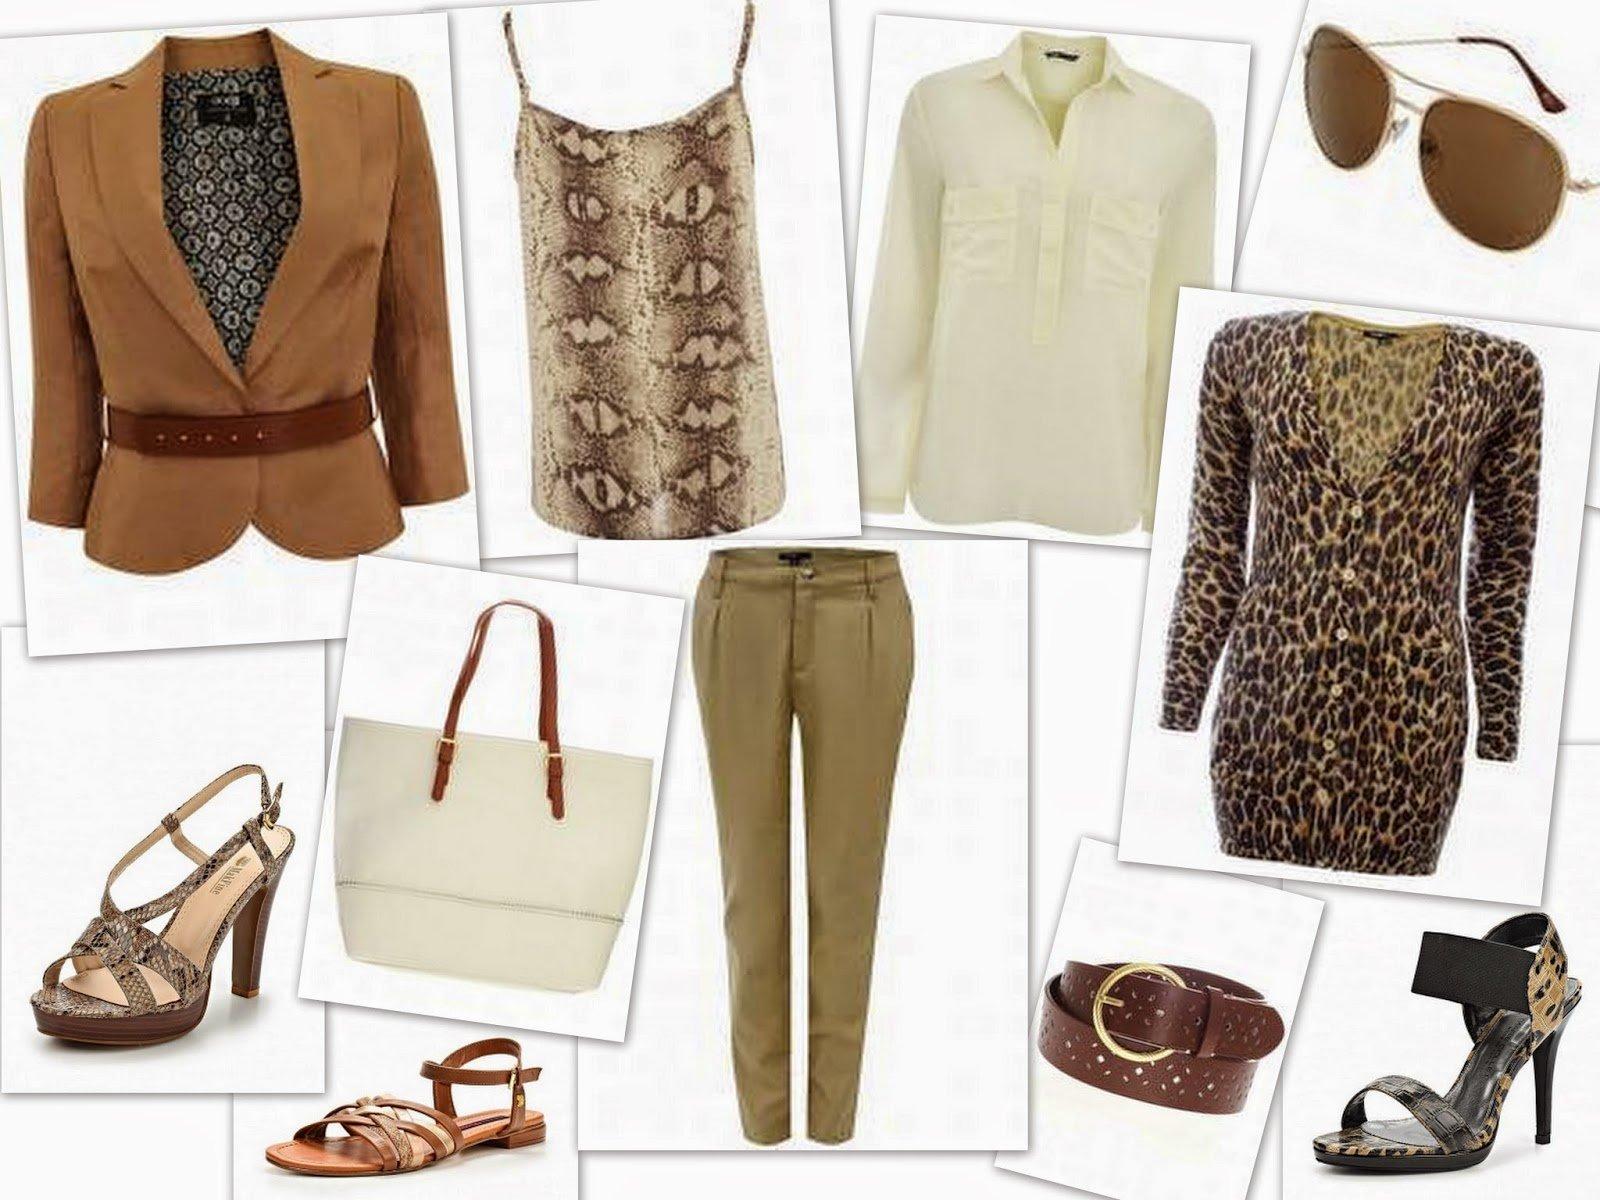 Правильное и модное сочетание вещей в гардеробе как основа индивидуального  стиля 3184eaa2414